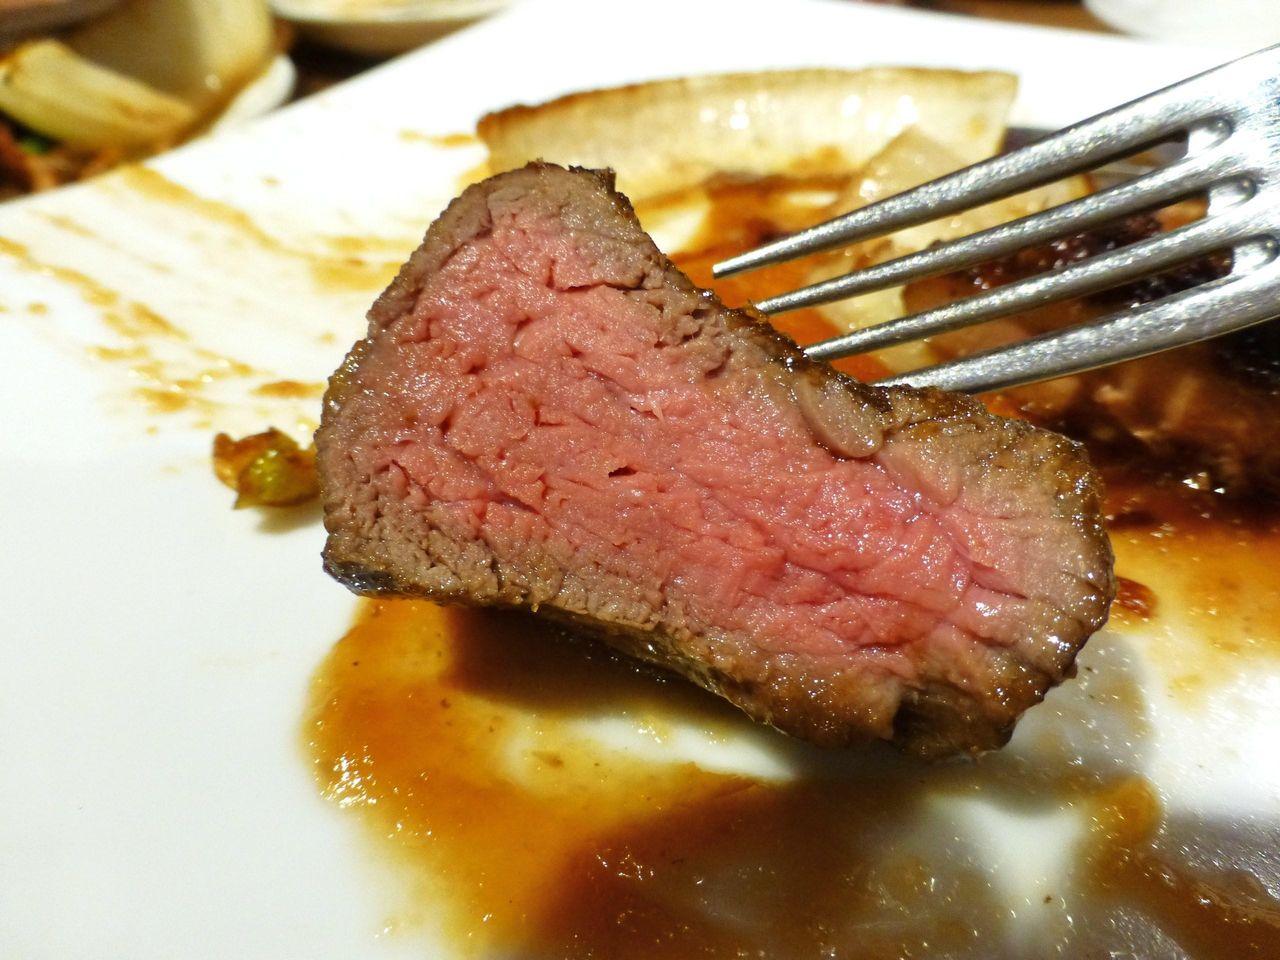 ぶ厚い牛ヒレ肉は、まだ赤みを帯びたレアの半生状態!